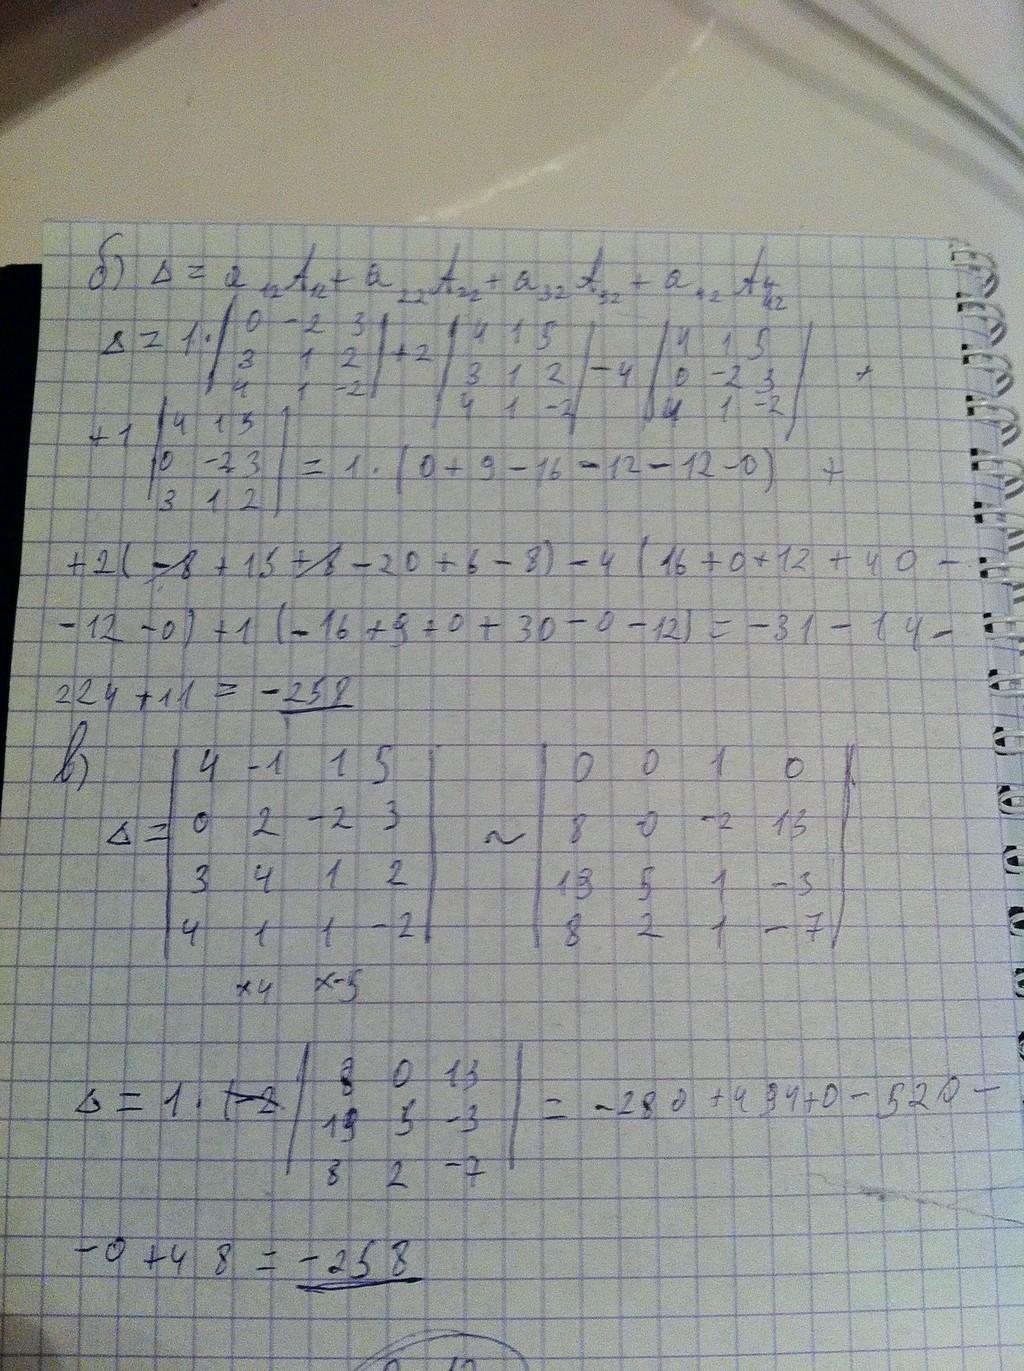 5 вариант идз 2 часть решебник 11.1